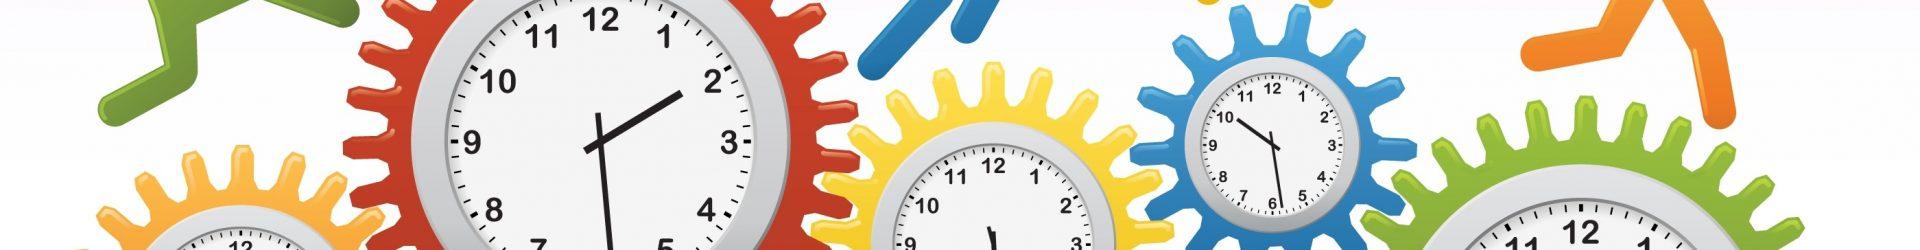 Как эффективно управлять временем